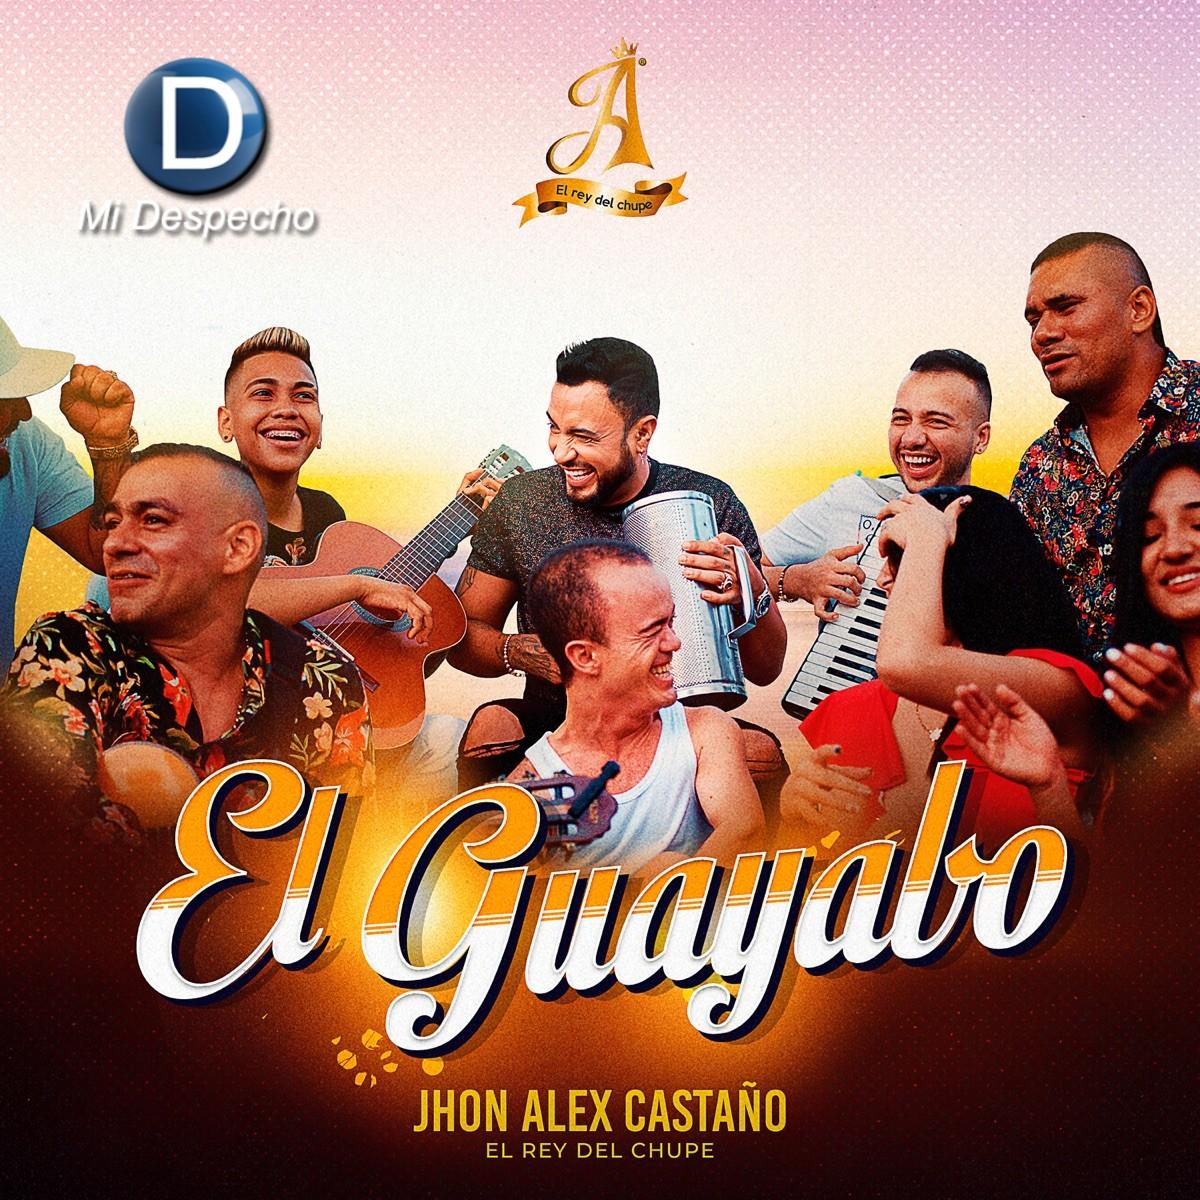 Jhon Alex Castaño El Guayabo Frontal